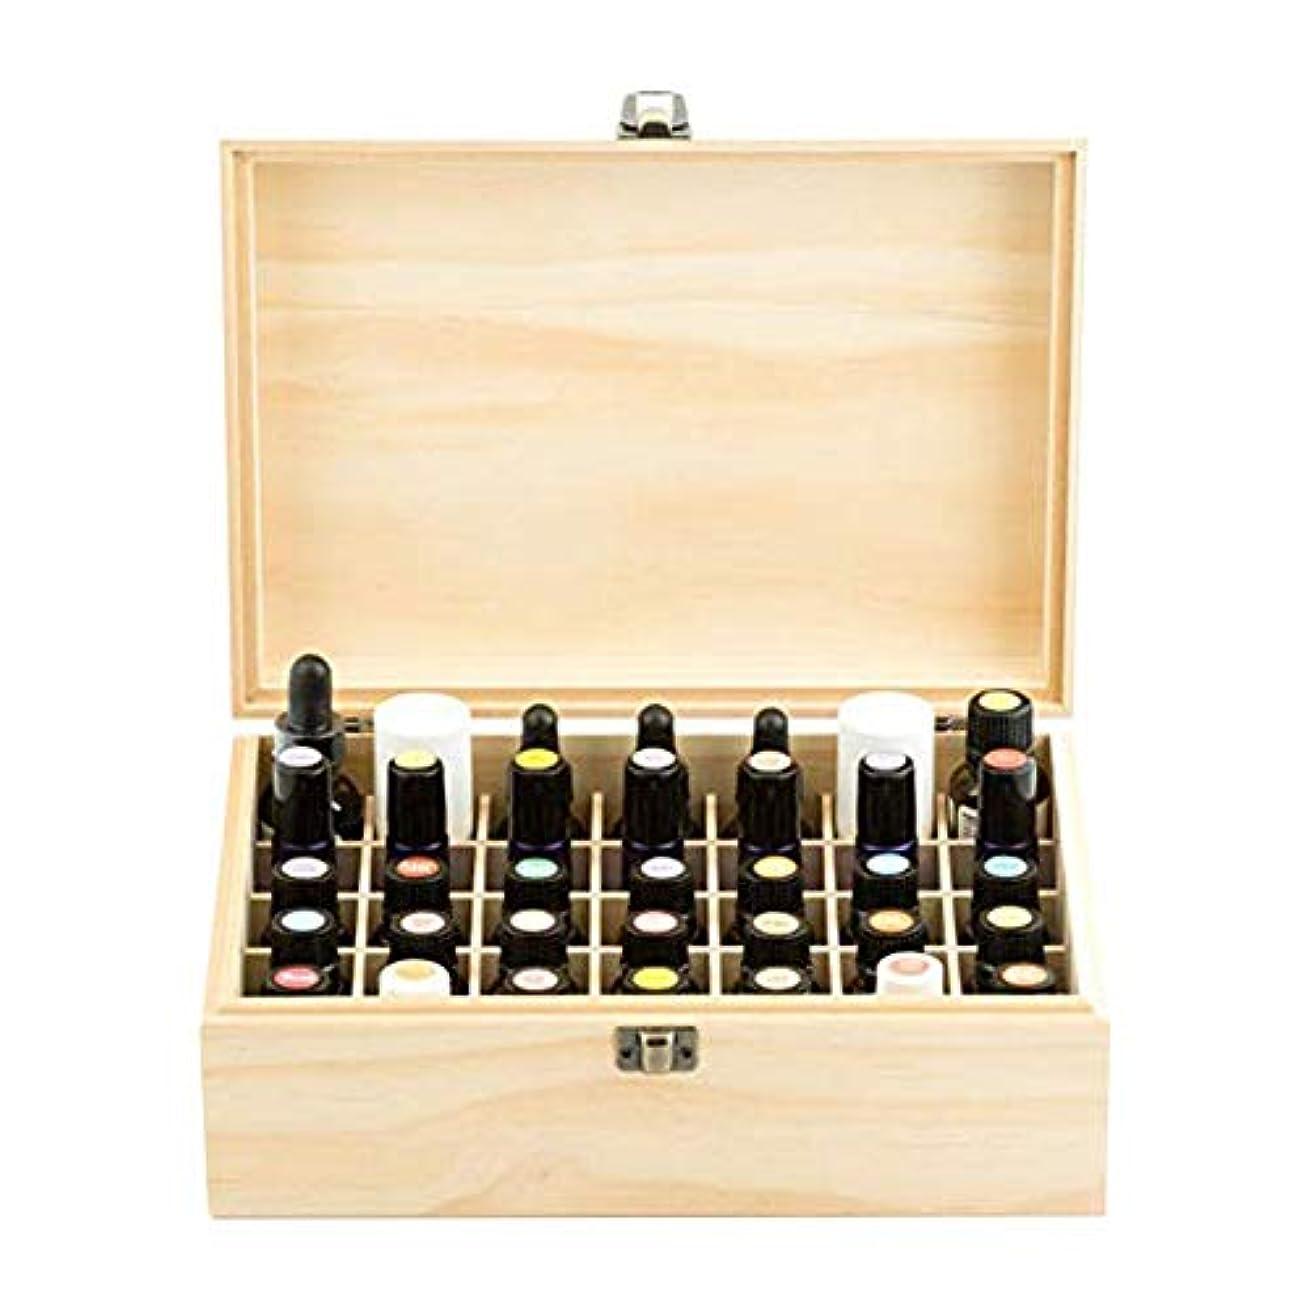 敏感なペチコート旅行者エッセンシャルオイル収納ボックス 純木の精油の収納箱 香水収納ケース アロマオイル収納ボックス 35本用